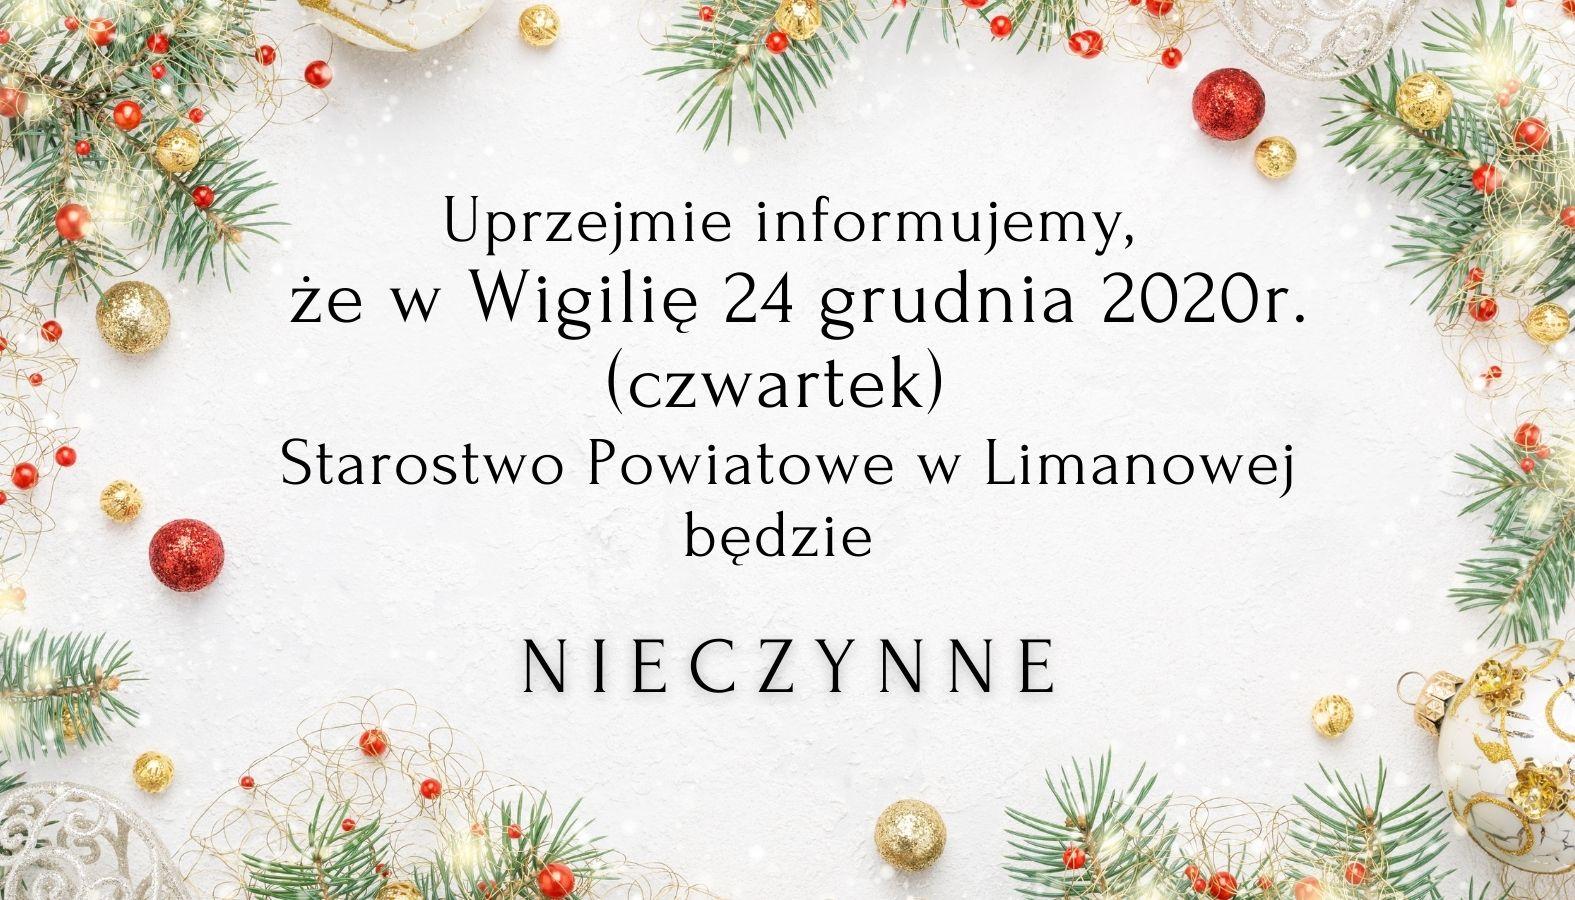 grafika - informacja że w Wigilię 24 grudnia 2021 roku Starostwo będzie nieczynne